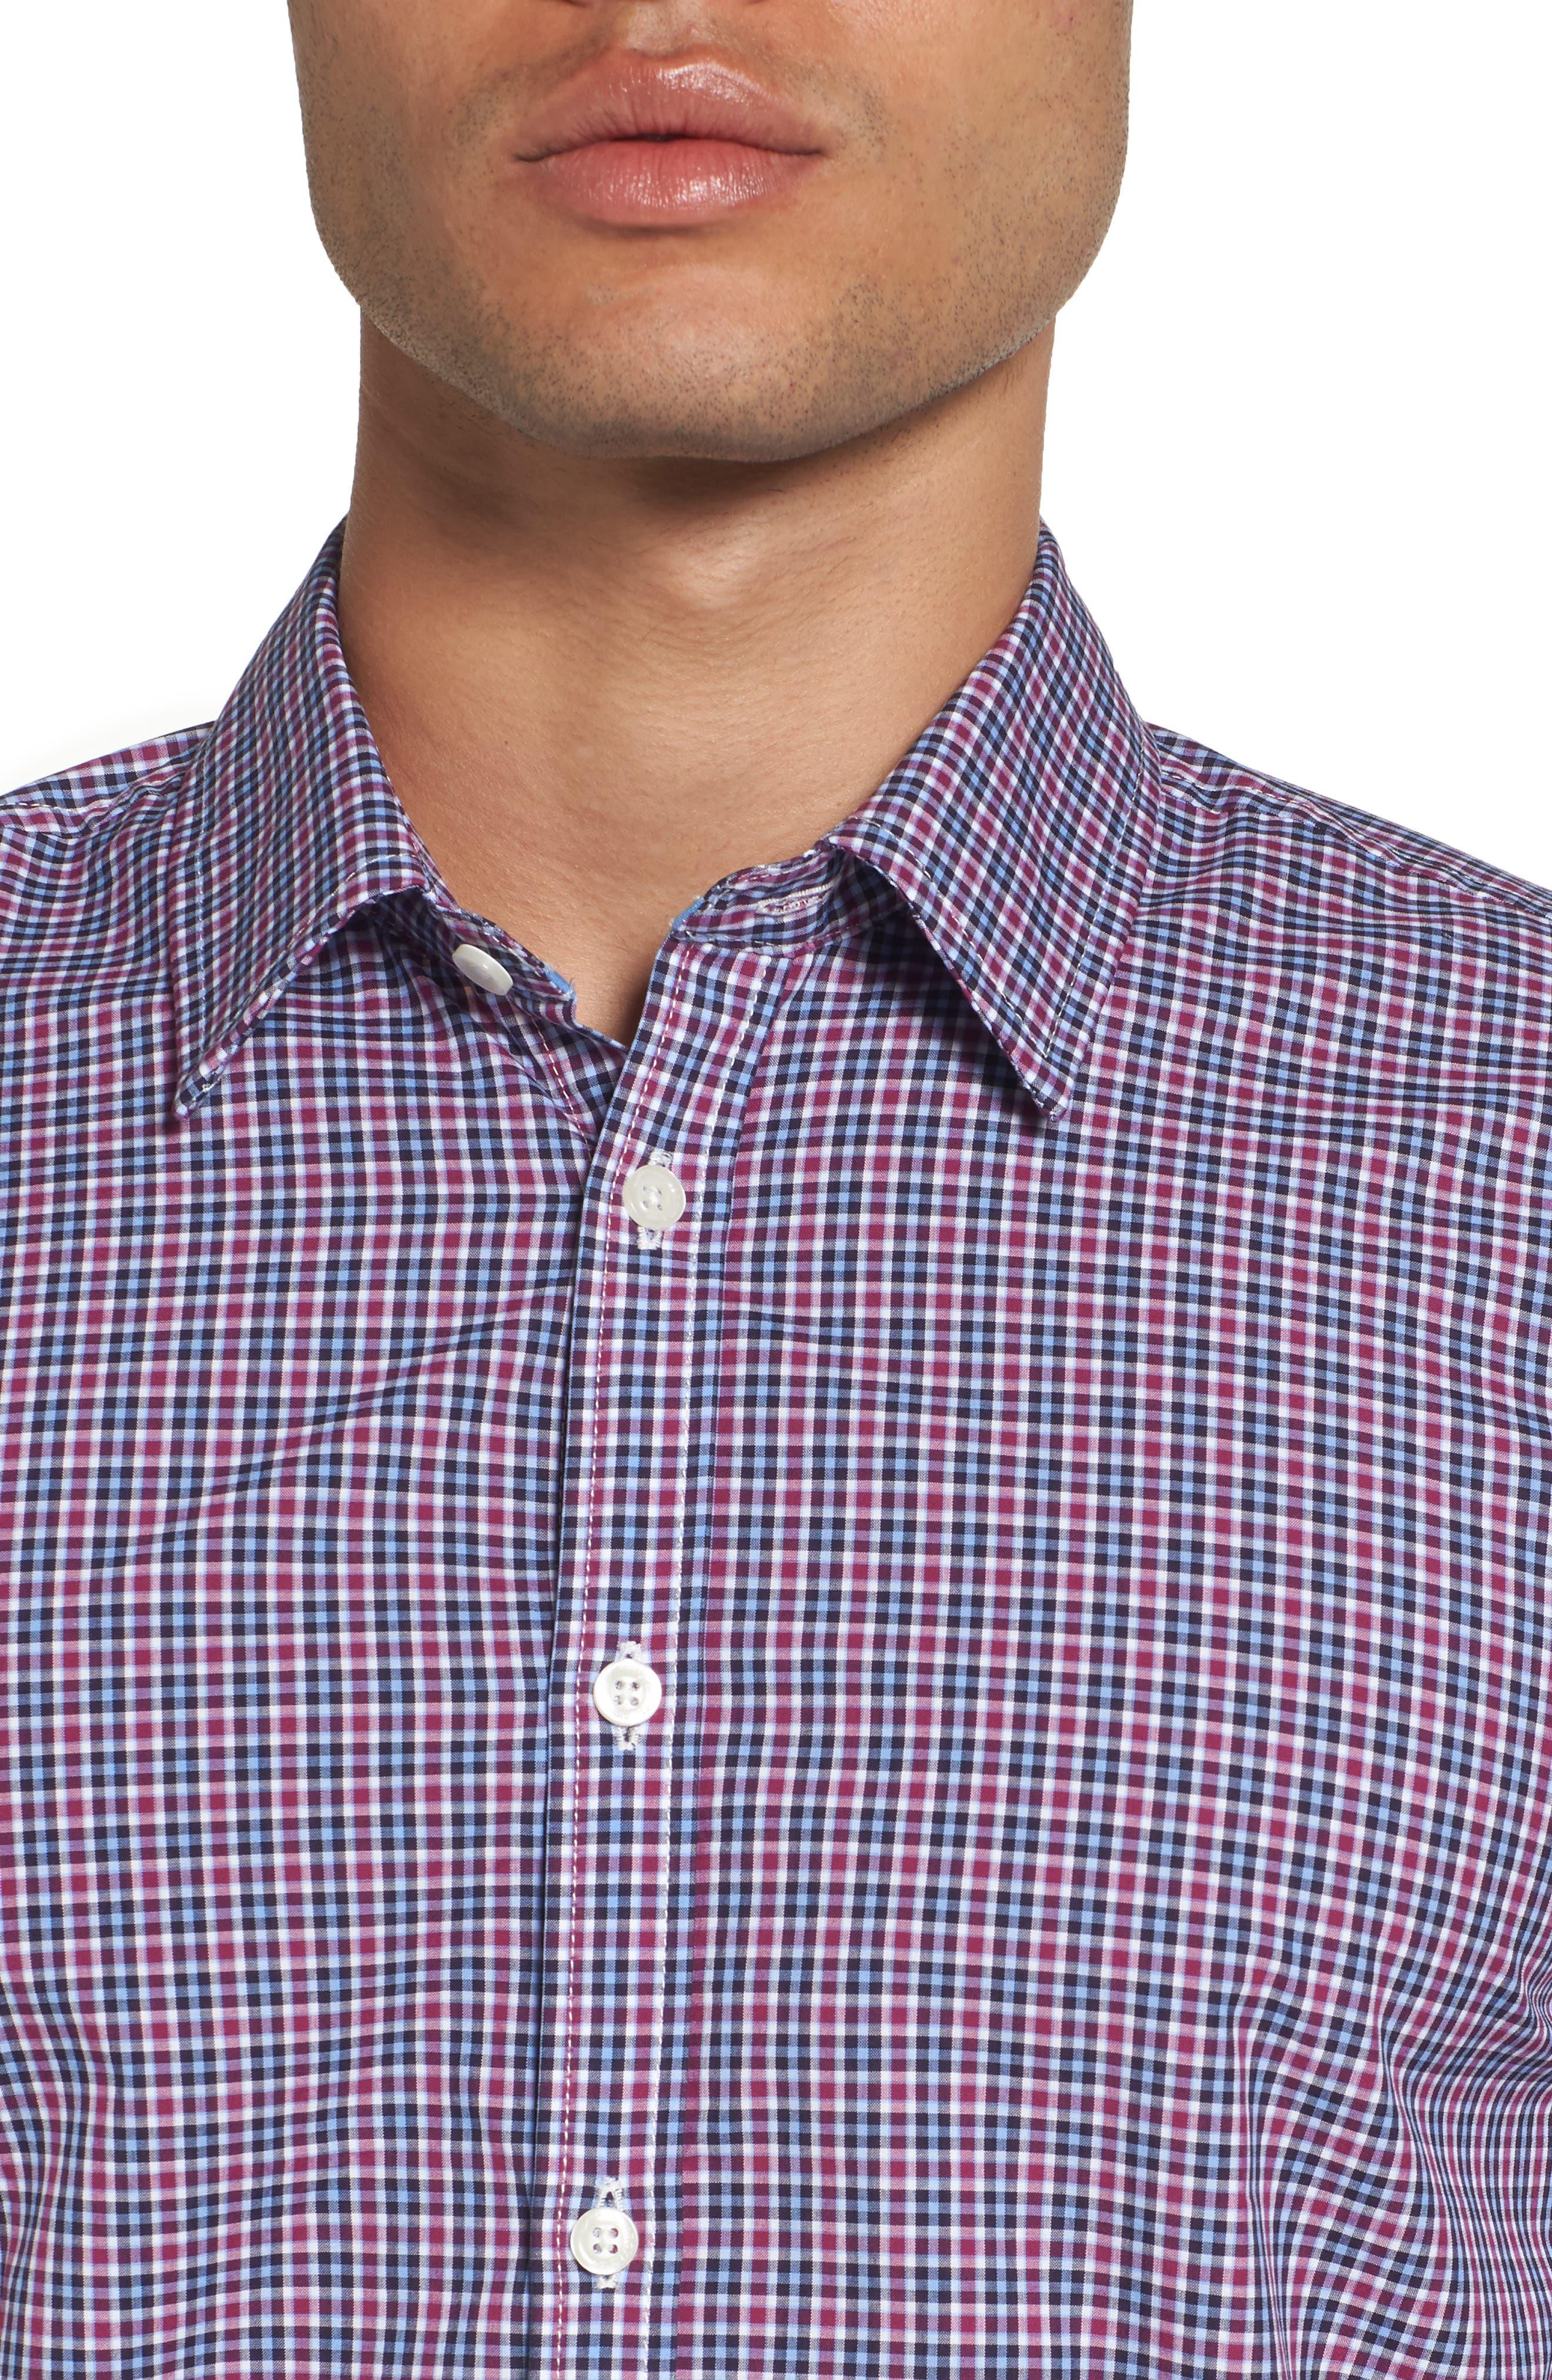 Comfort Fit Plaid Sport Shirt,                             Alternate thumbnail 4, color,                             514